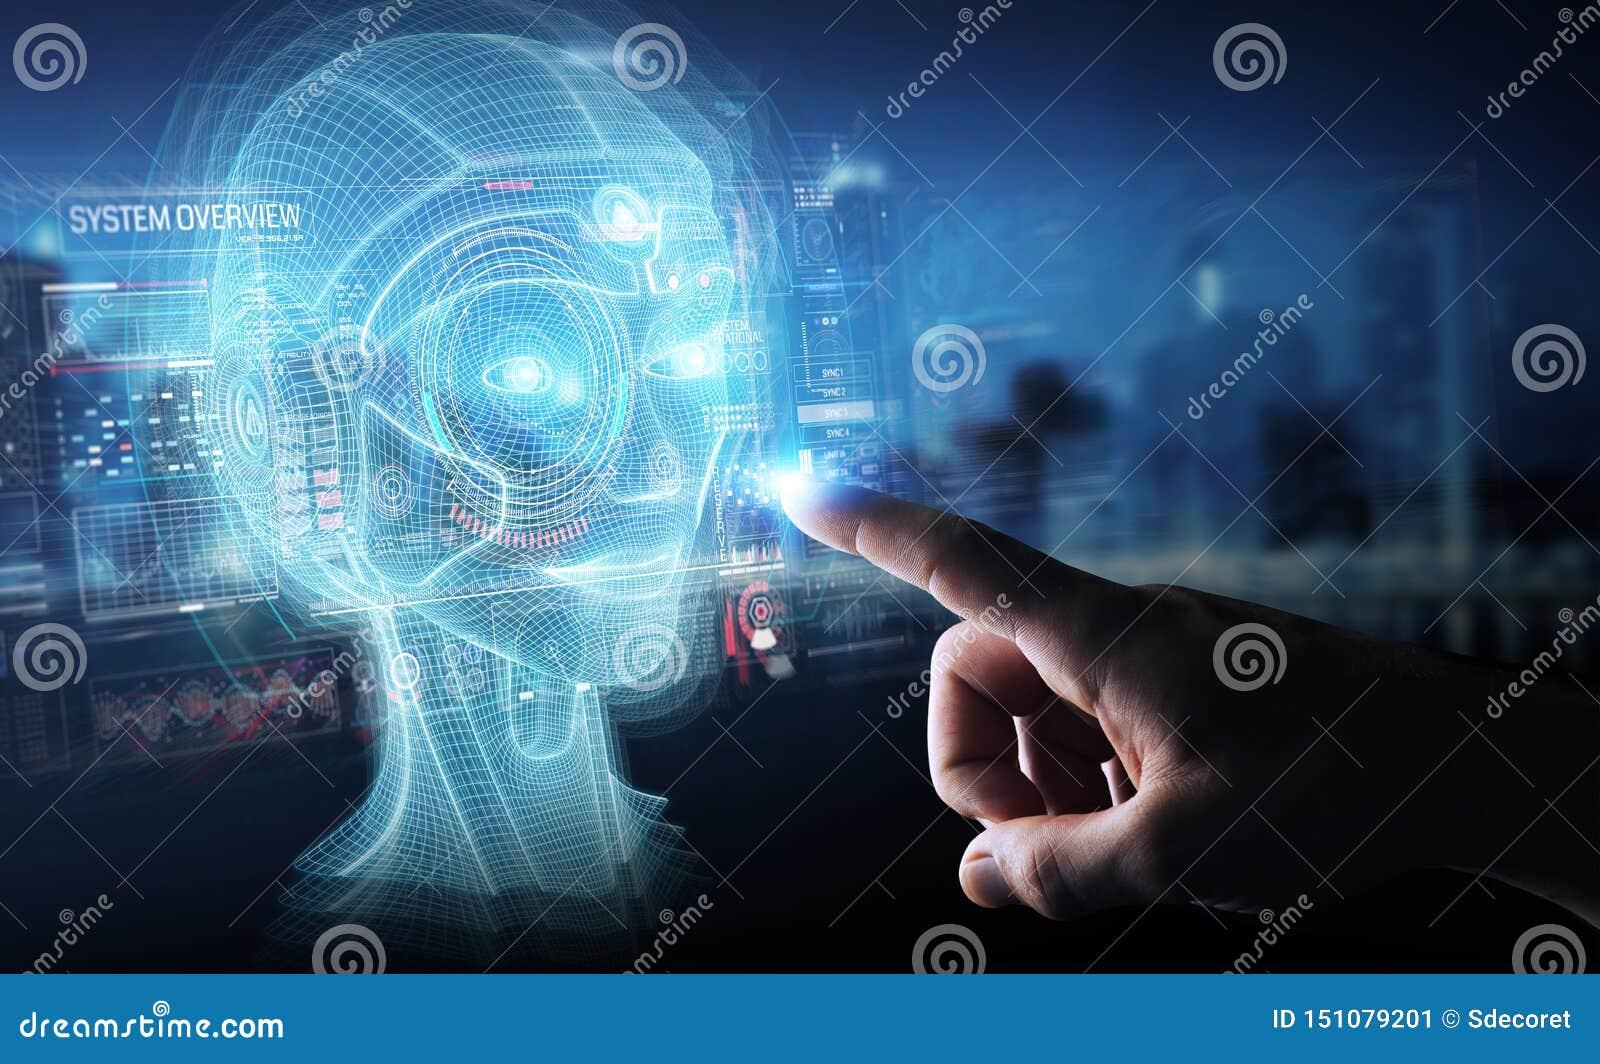 Aff?rsman som anv?nder den digitala f?r huvudman?verenhet 3D f?r konstgjord intelligens tolkningen